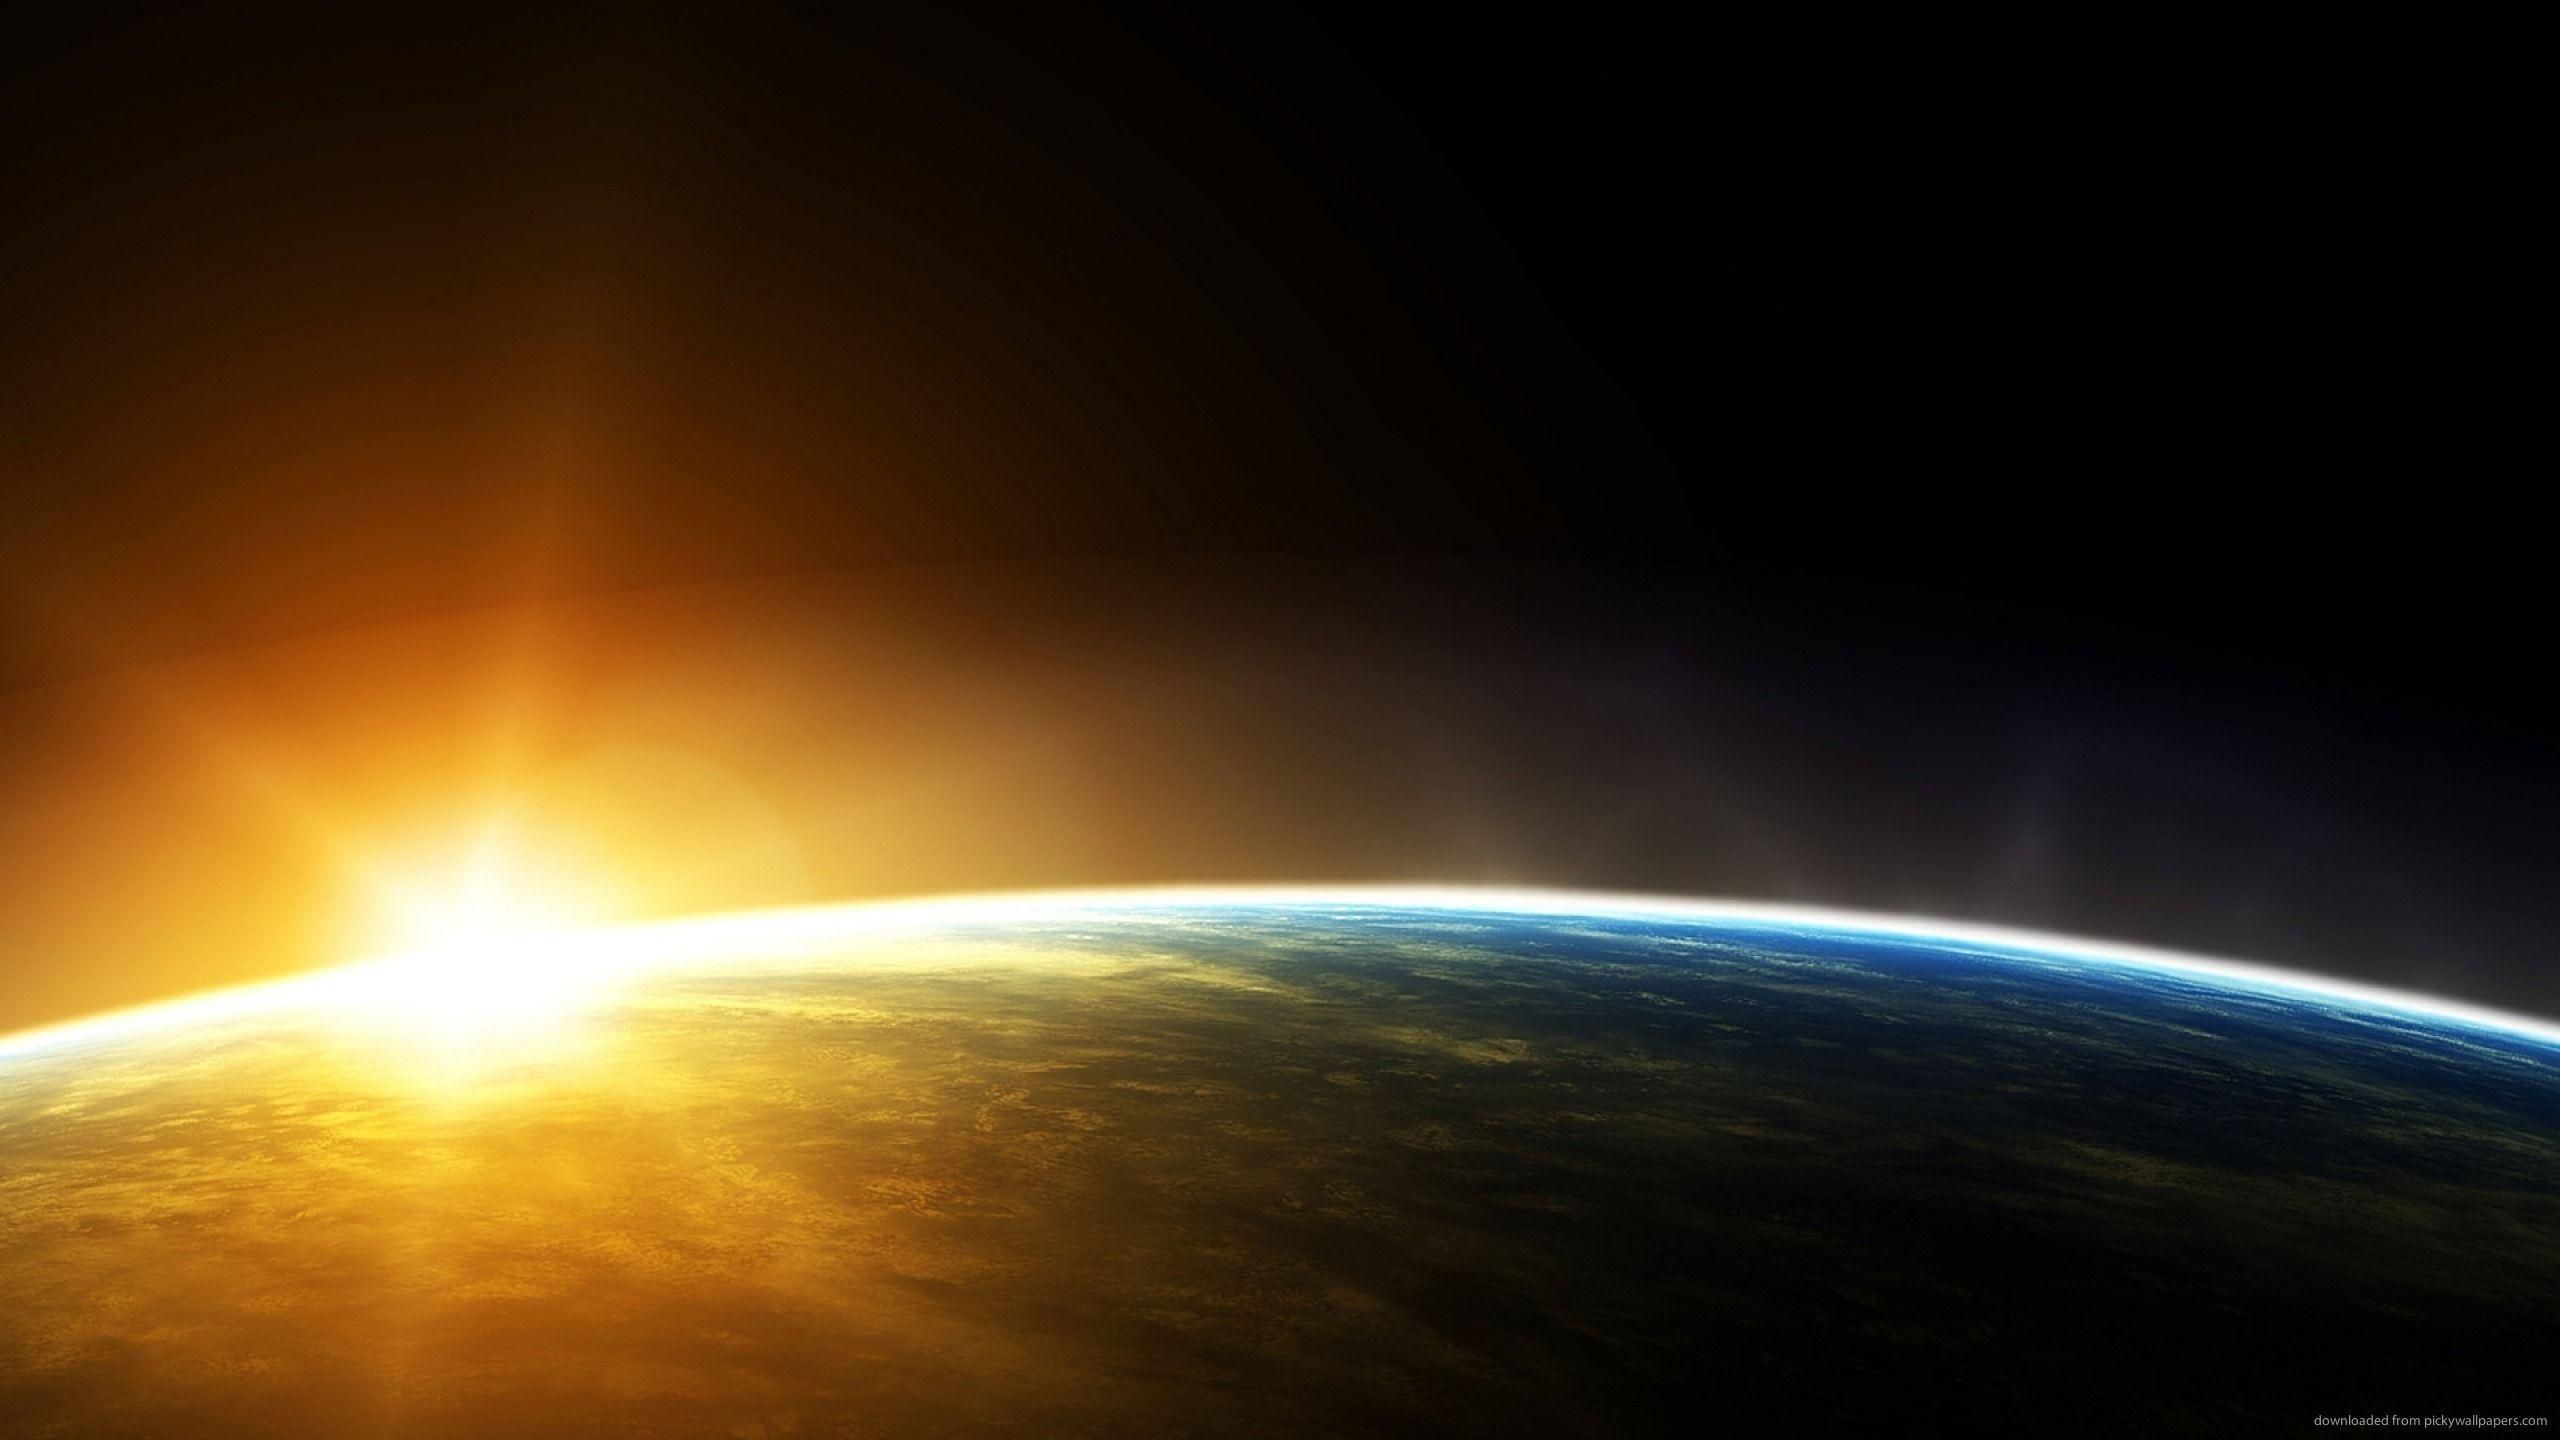 Hình nền mặt trời mọc 2560x1440.  Hình nền HD